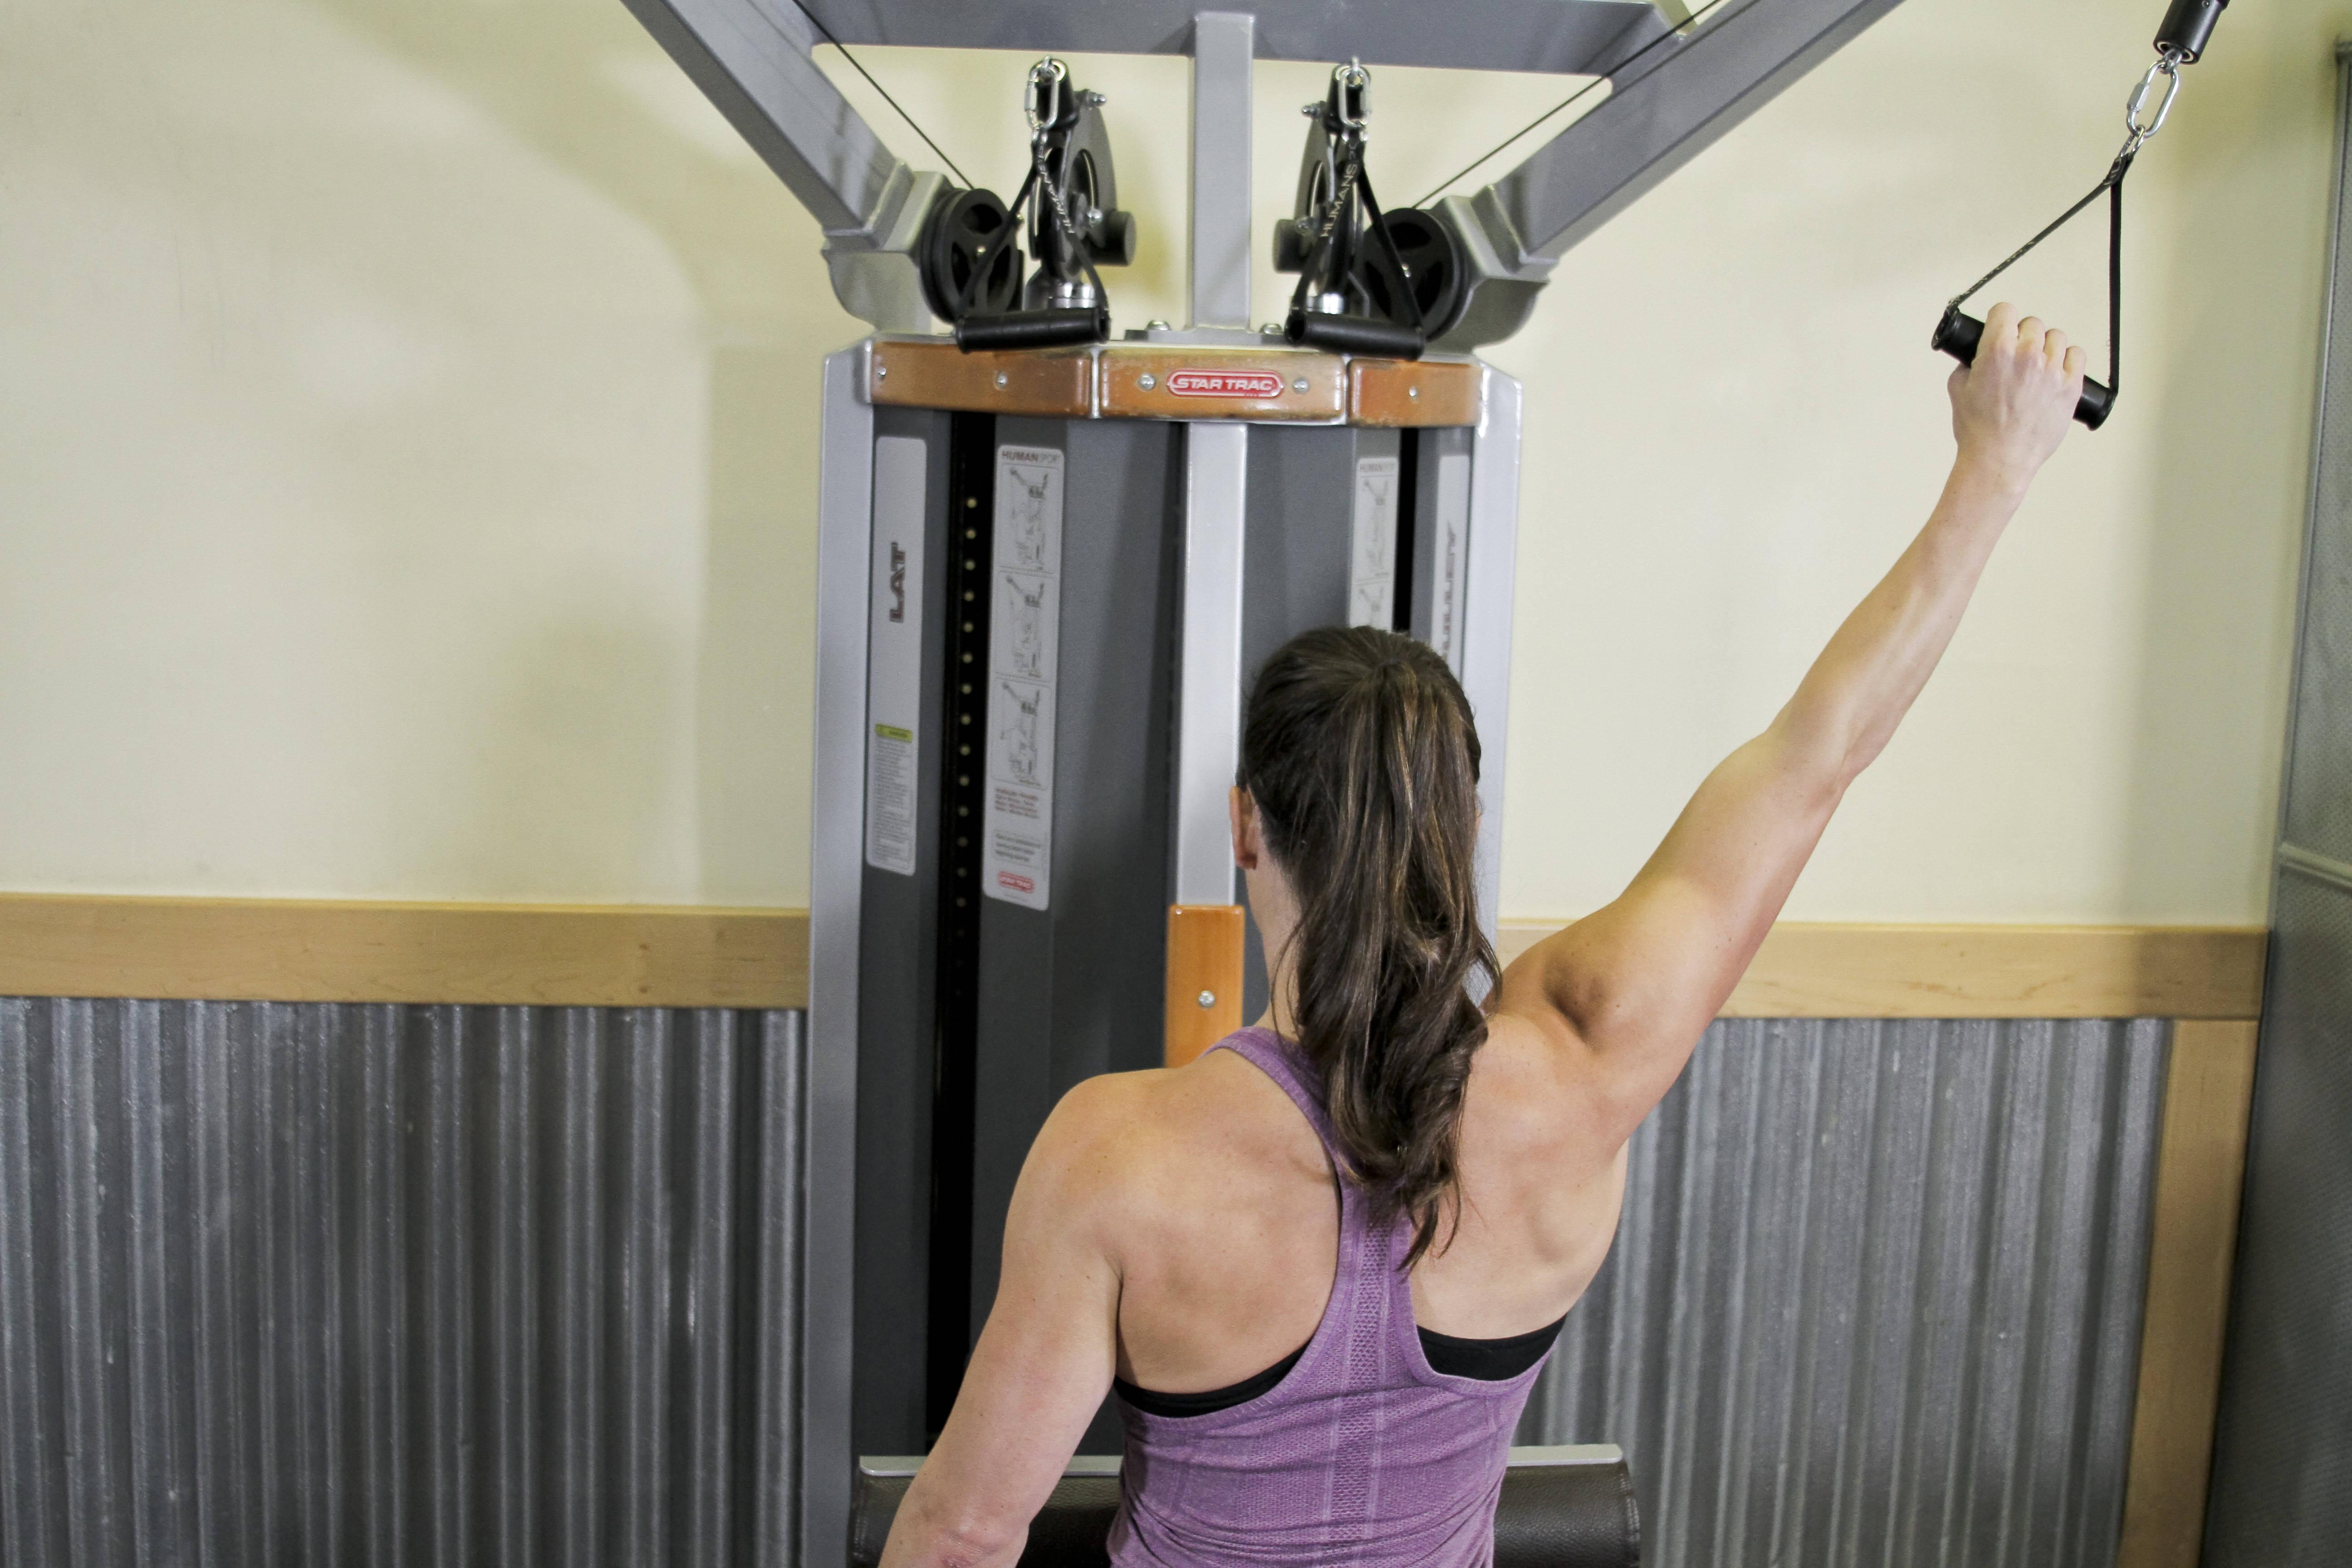 Review of Lee Hayward's 12 week bodybuilding program